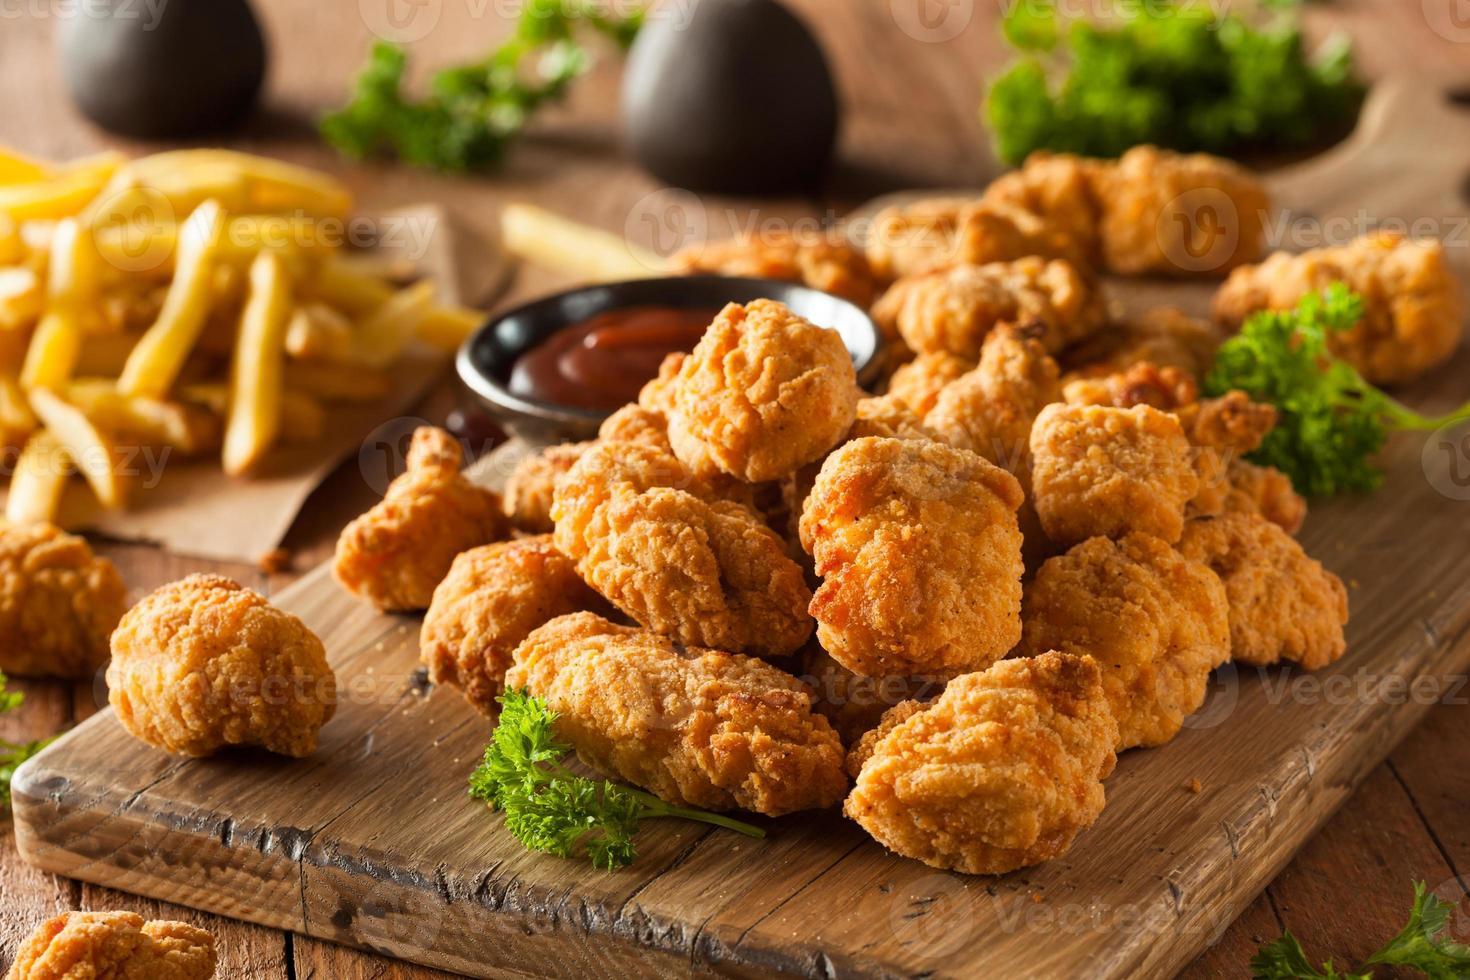 pollo crujiente casero de palomitas de maíz servido con papas fritas foto